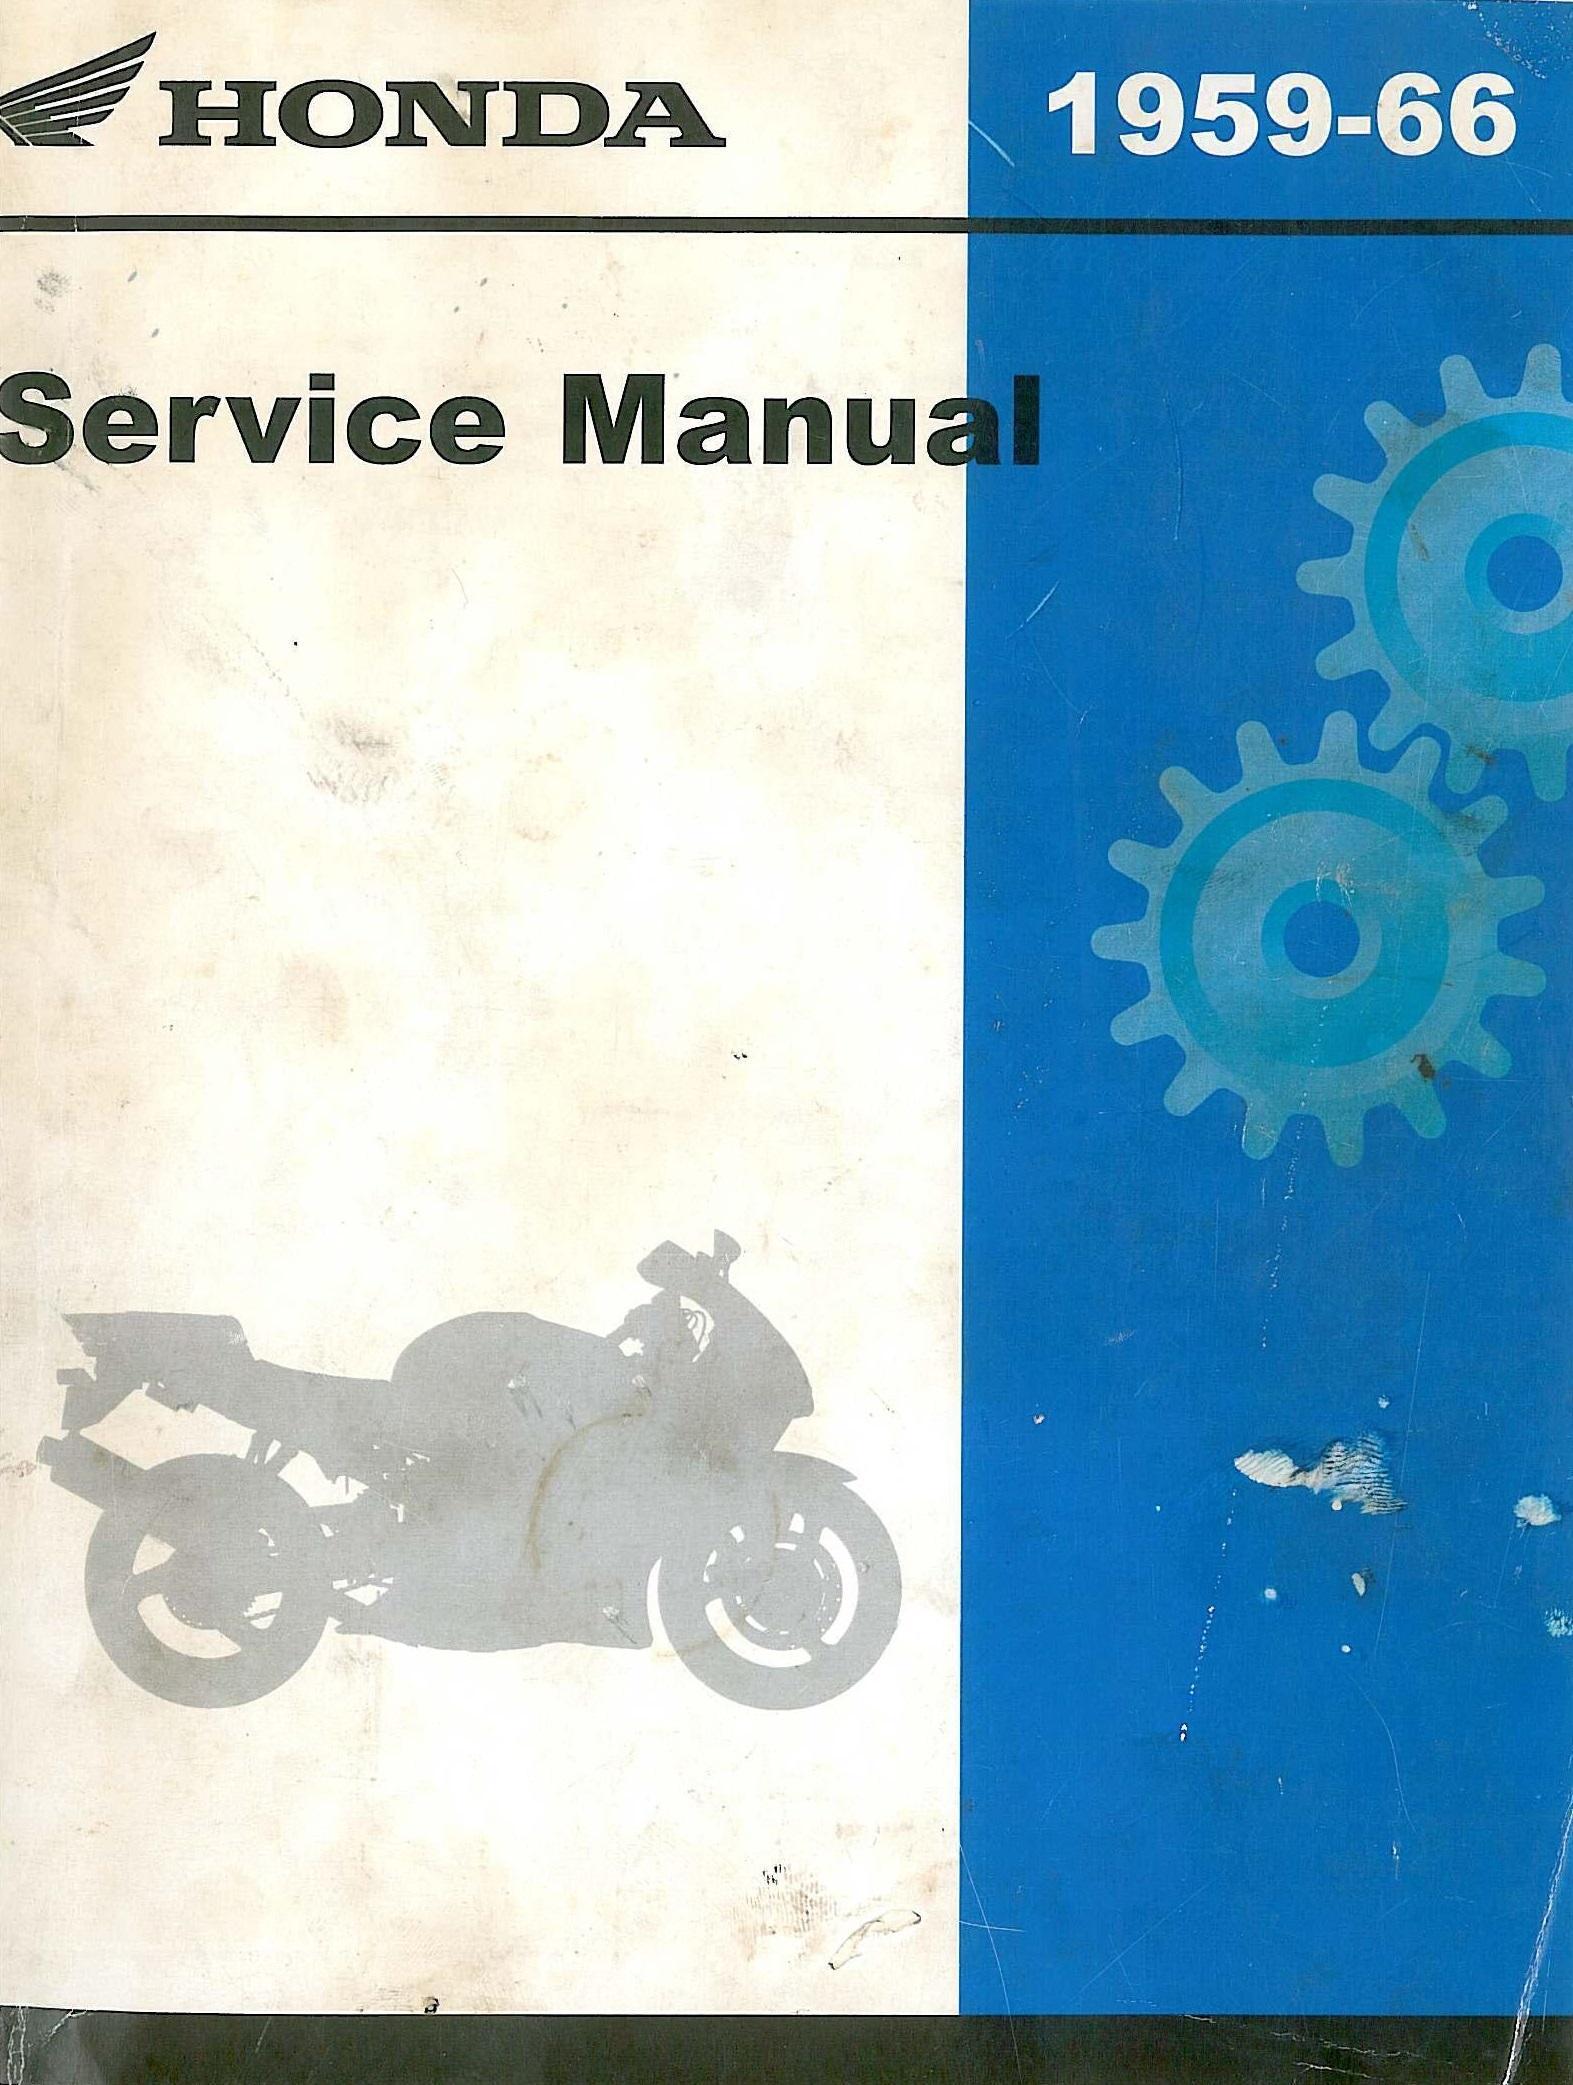 Workshopmanual For Honda C92 (1959-1966)